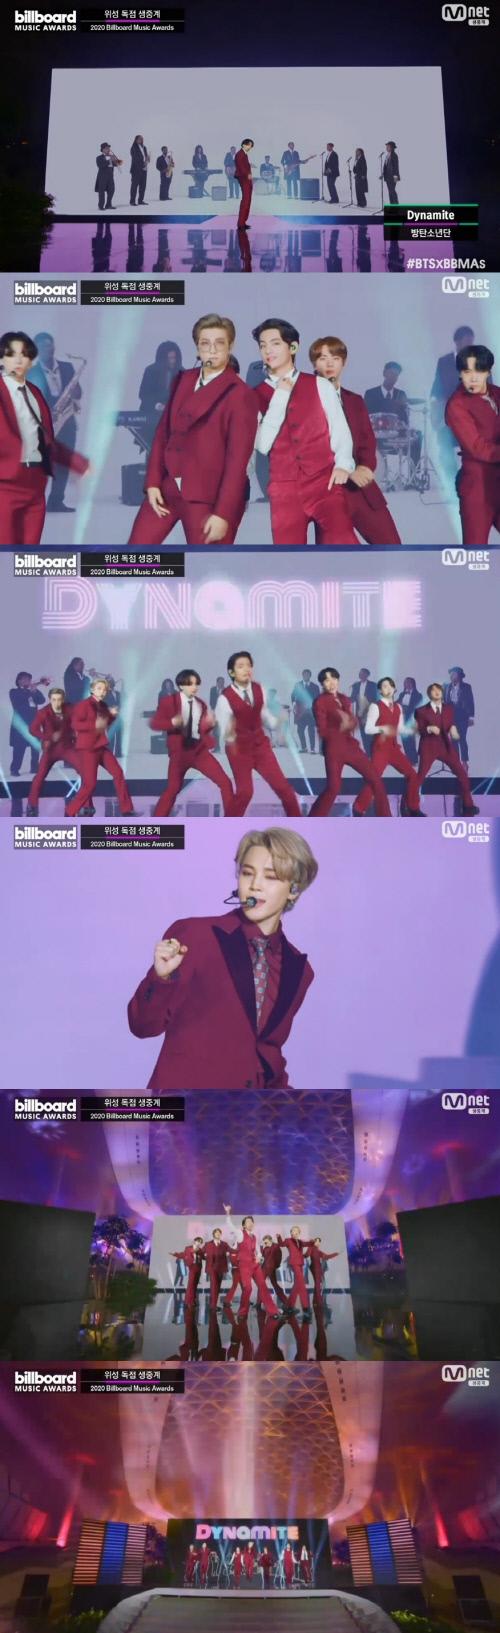 방탄소년단, '2020 빌보드뮤직어워드' 4년 연속 수상…글로벌 입지 재확인[SS뮤직]